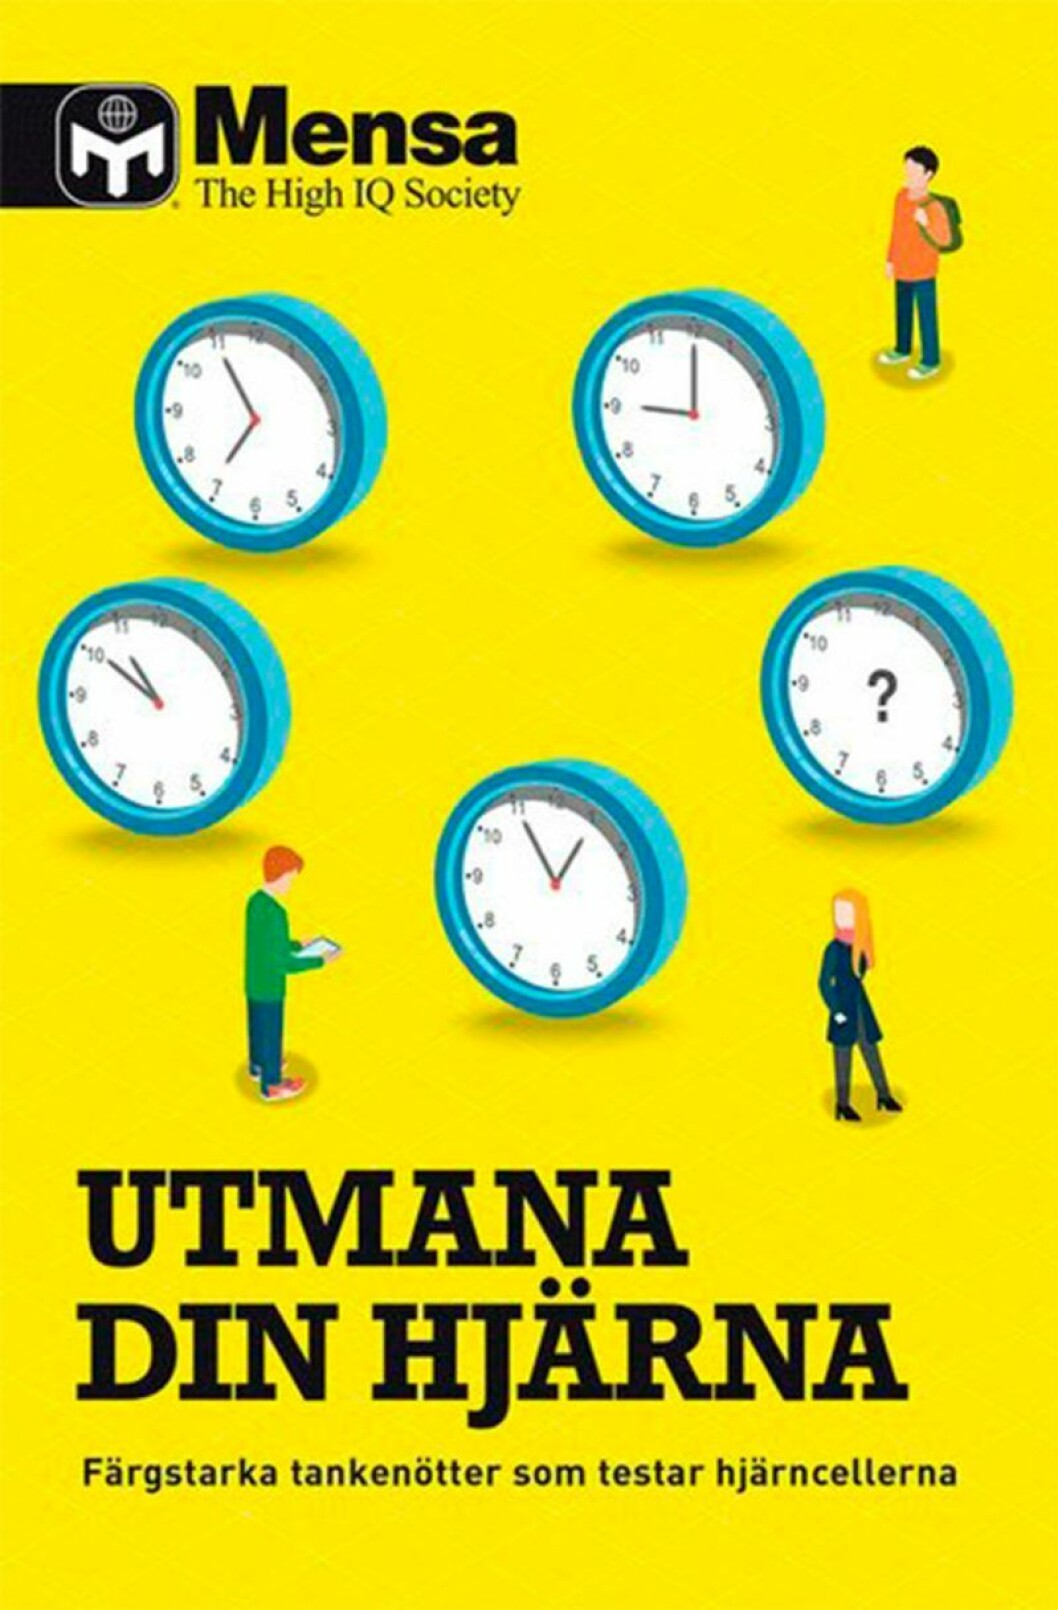 Bokomslag till Utmana din hjärna, tecknade klockor och en man samt kvinna på omslaget.